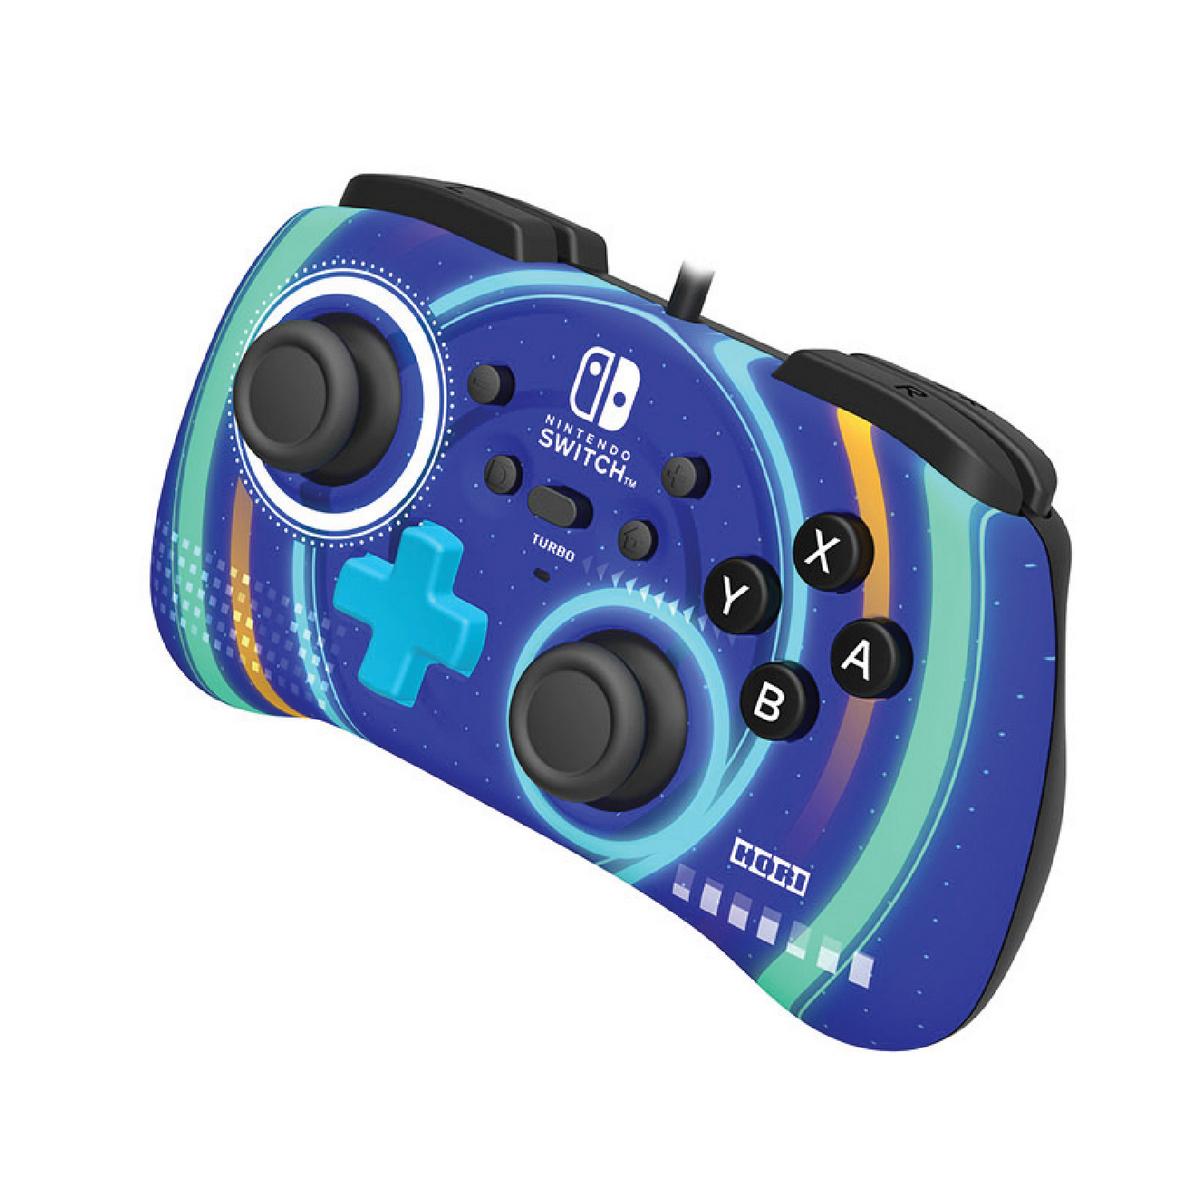 เกมคอนโทรลเลอร์ (สีน้ำเงิน) รุ่น Cyclone Blue Minipad